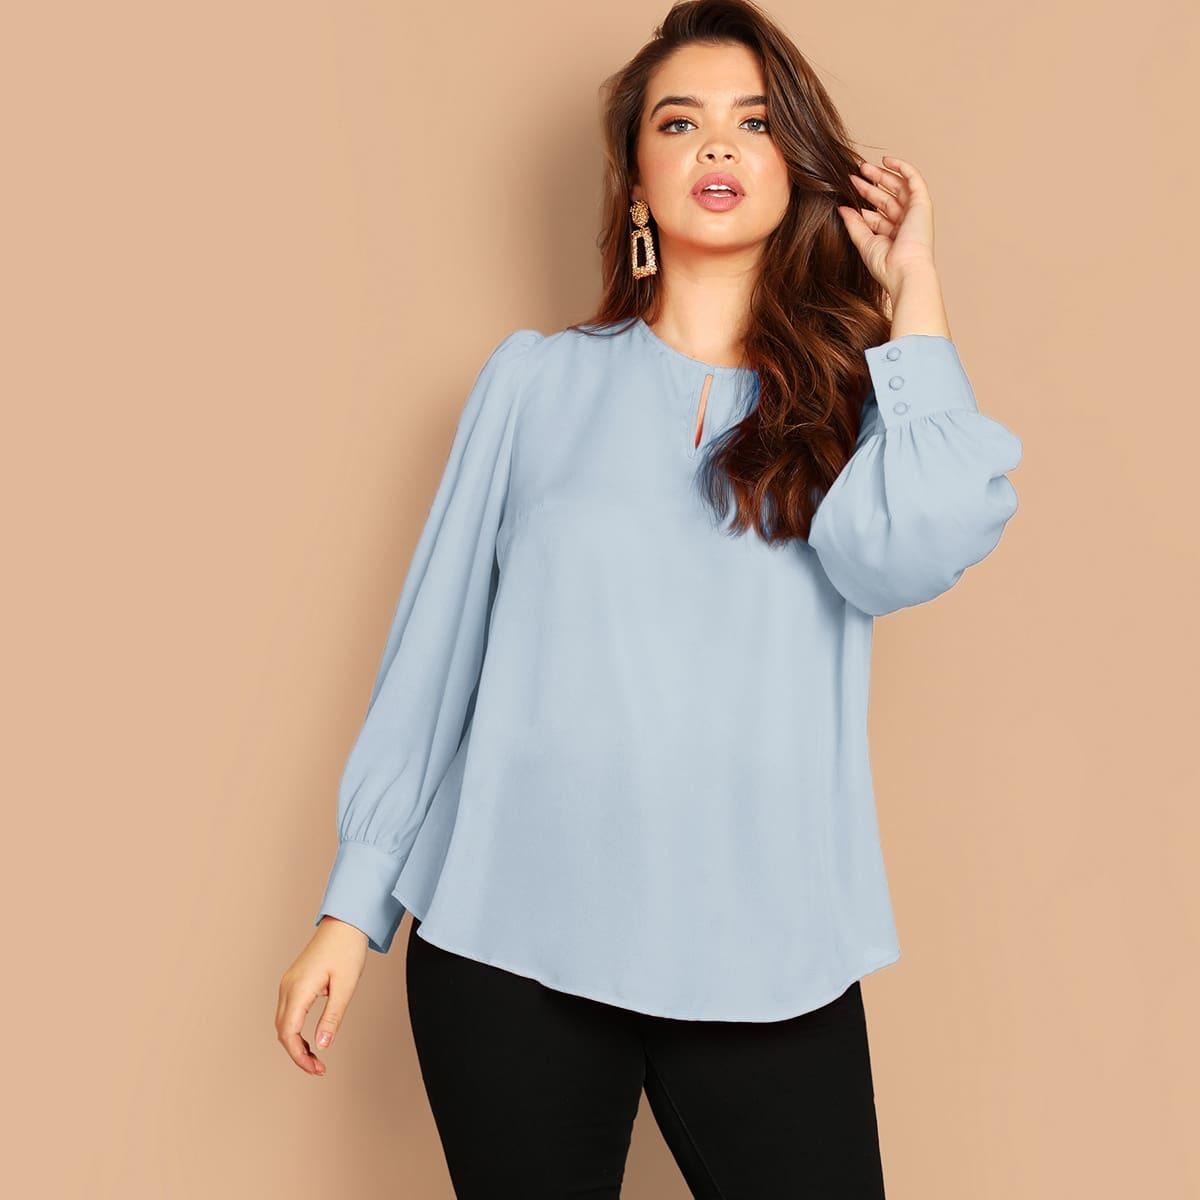 Размер Плюс Однотонная Блуза С Рукавом Присборенным На Манжетах